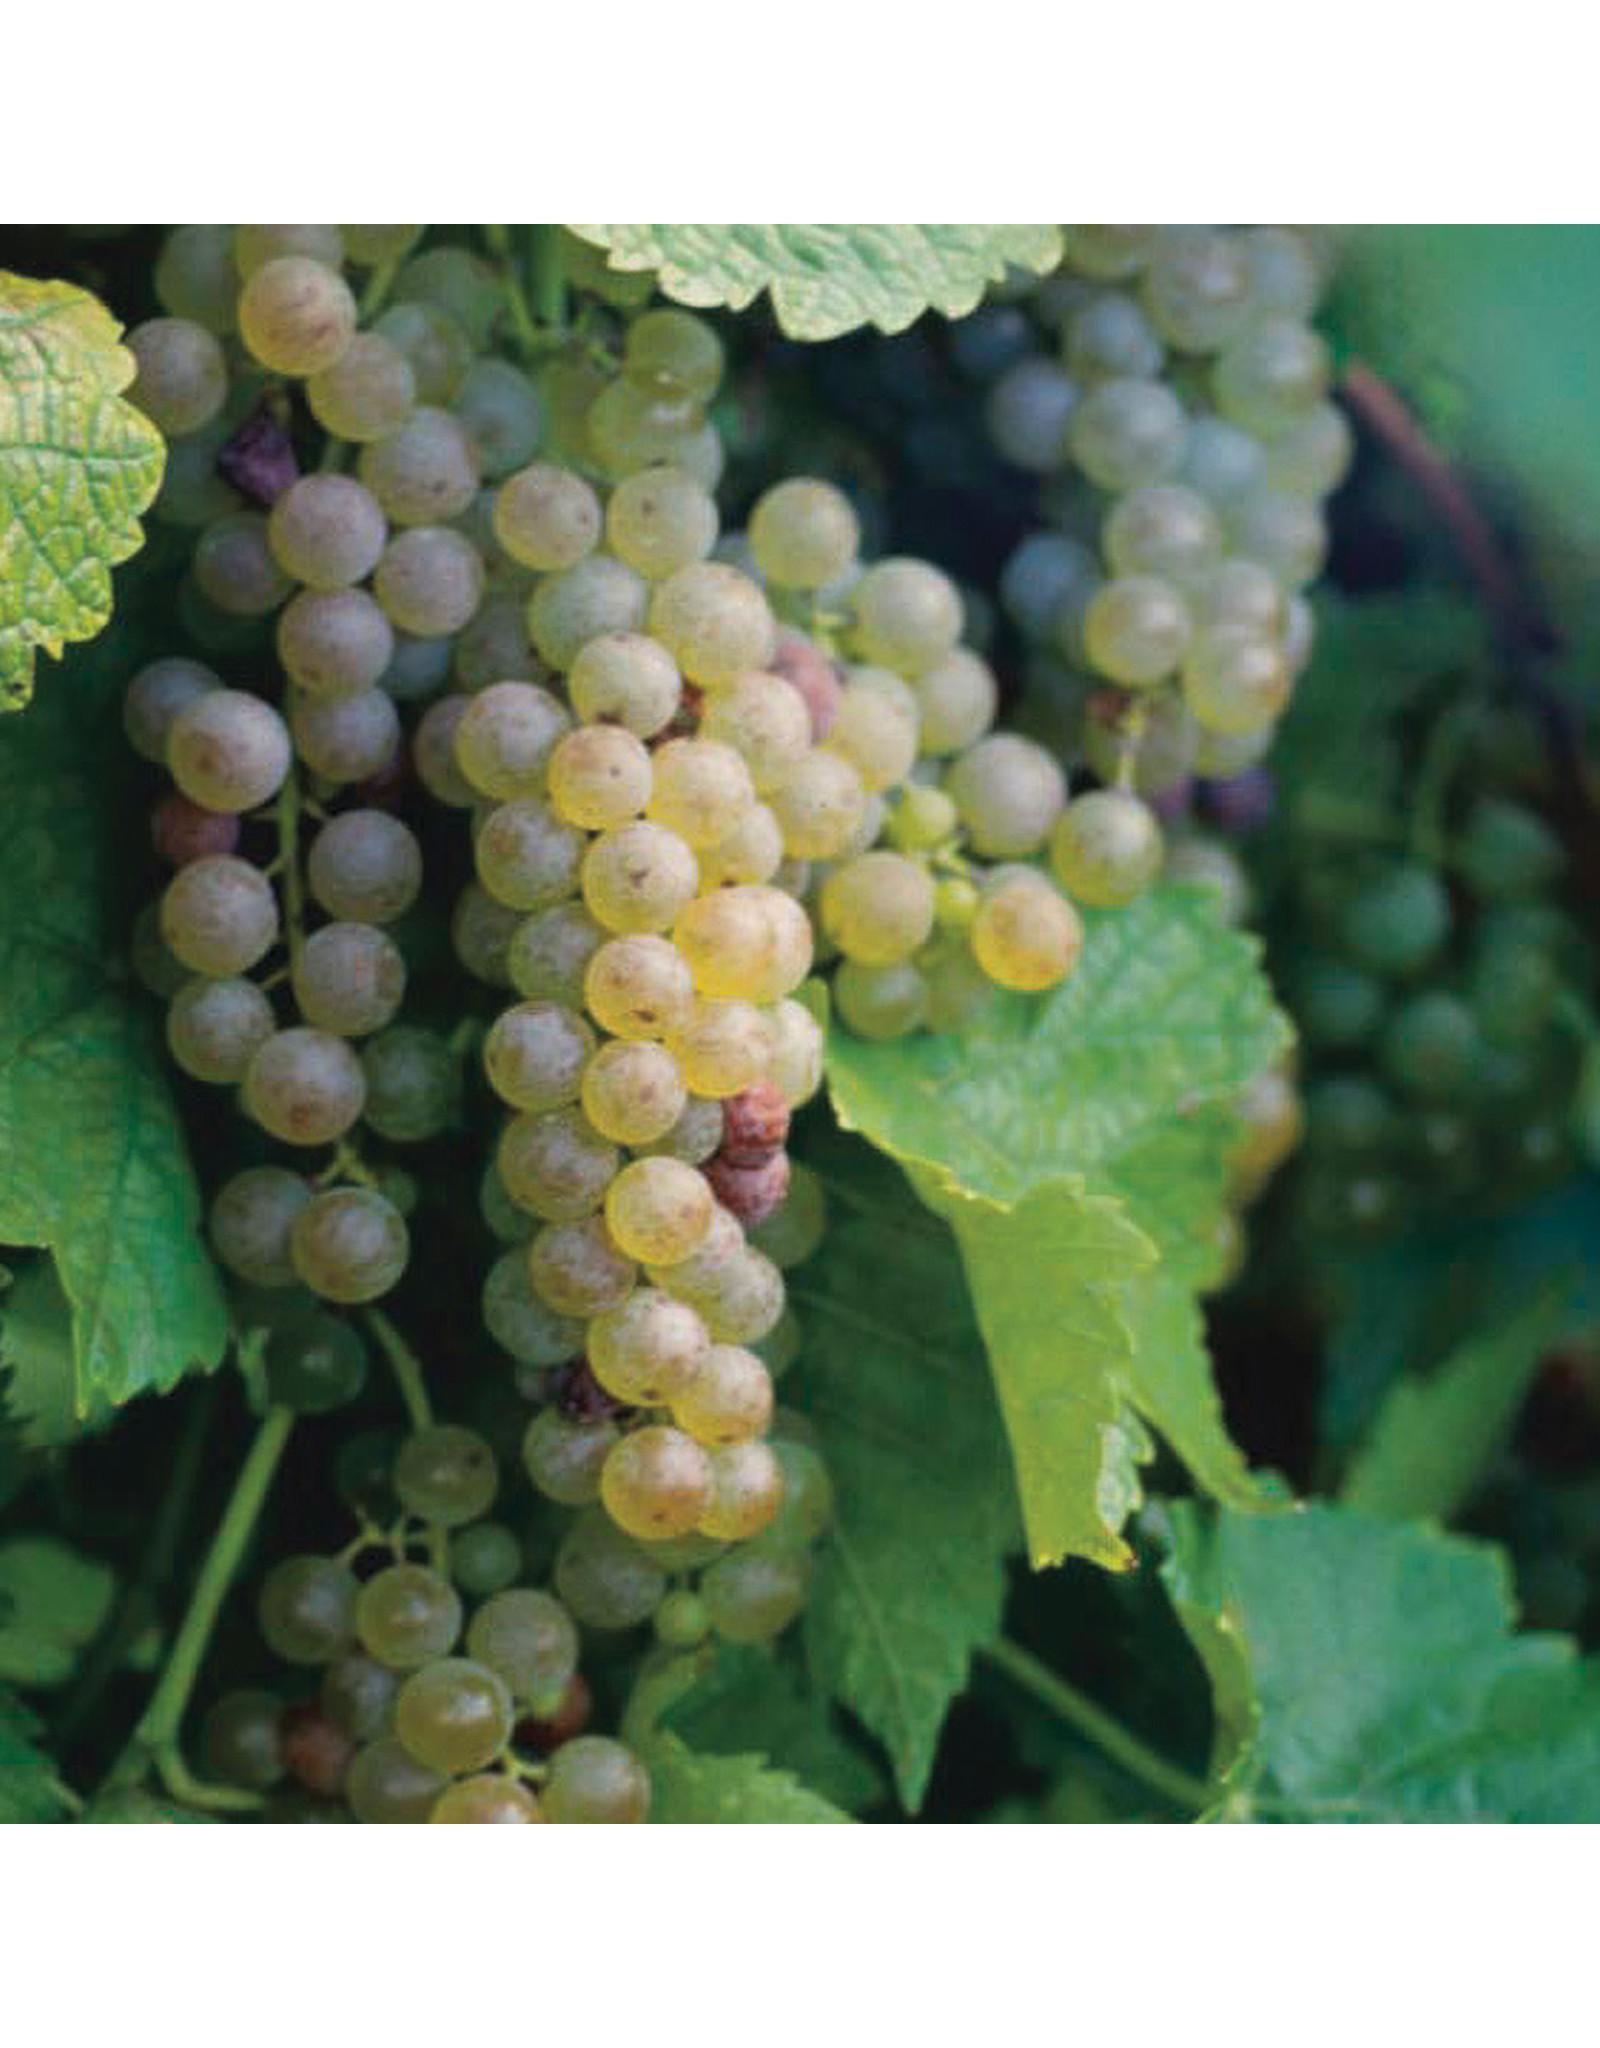 Grape - Eona White - #1 - NO WARRANTY